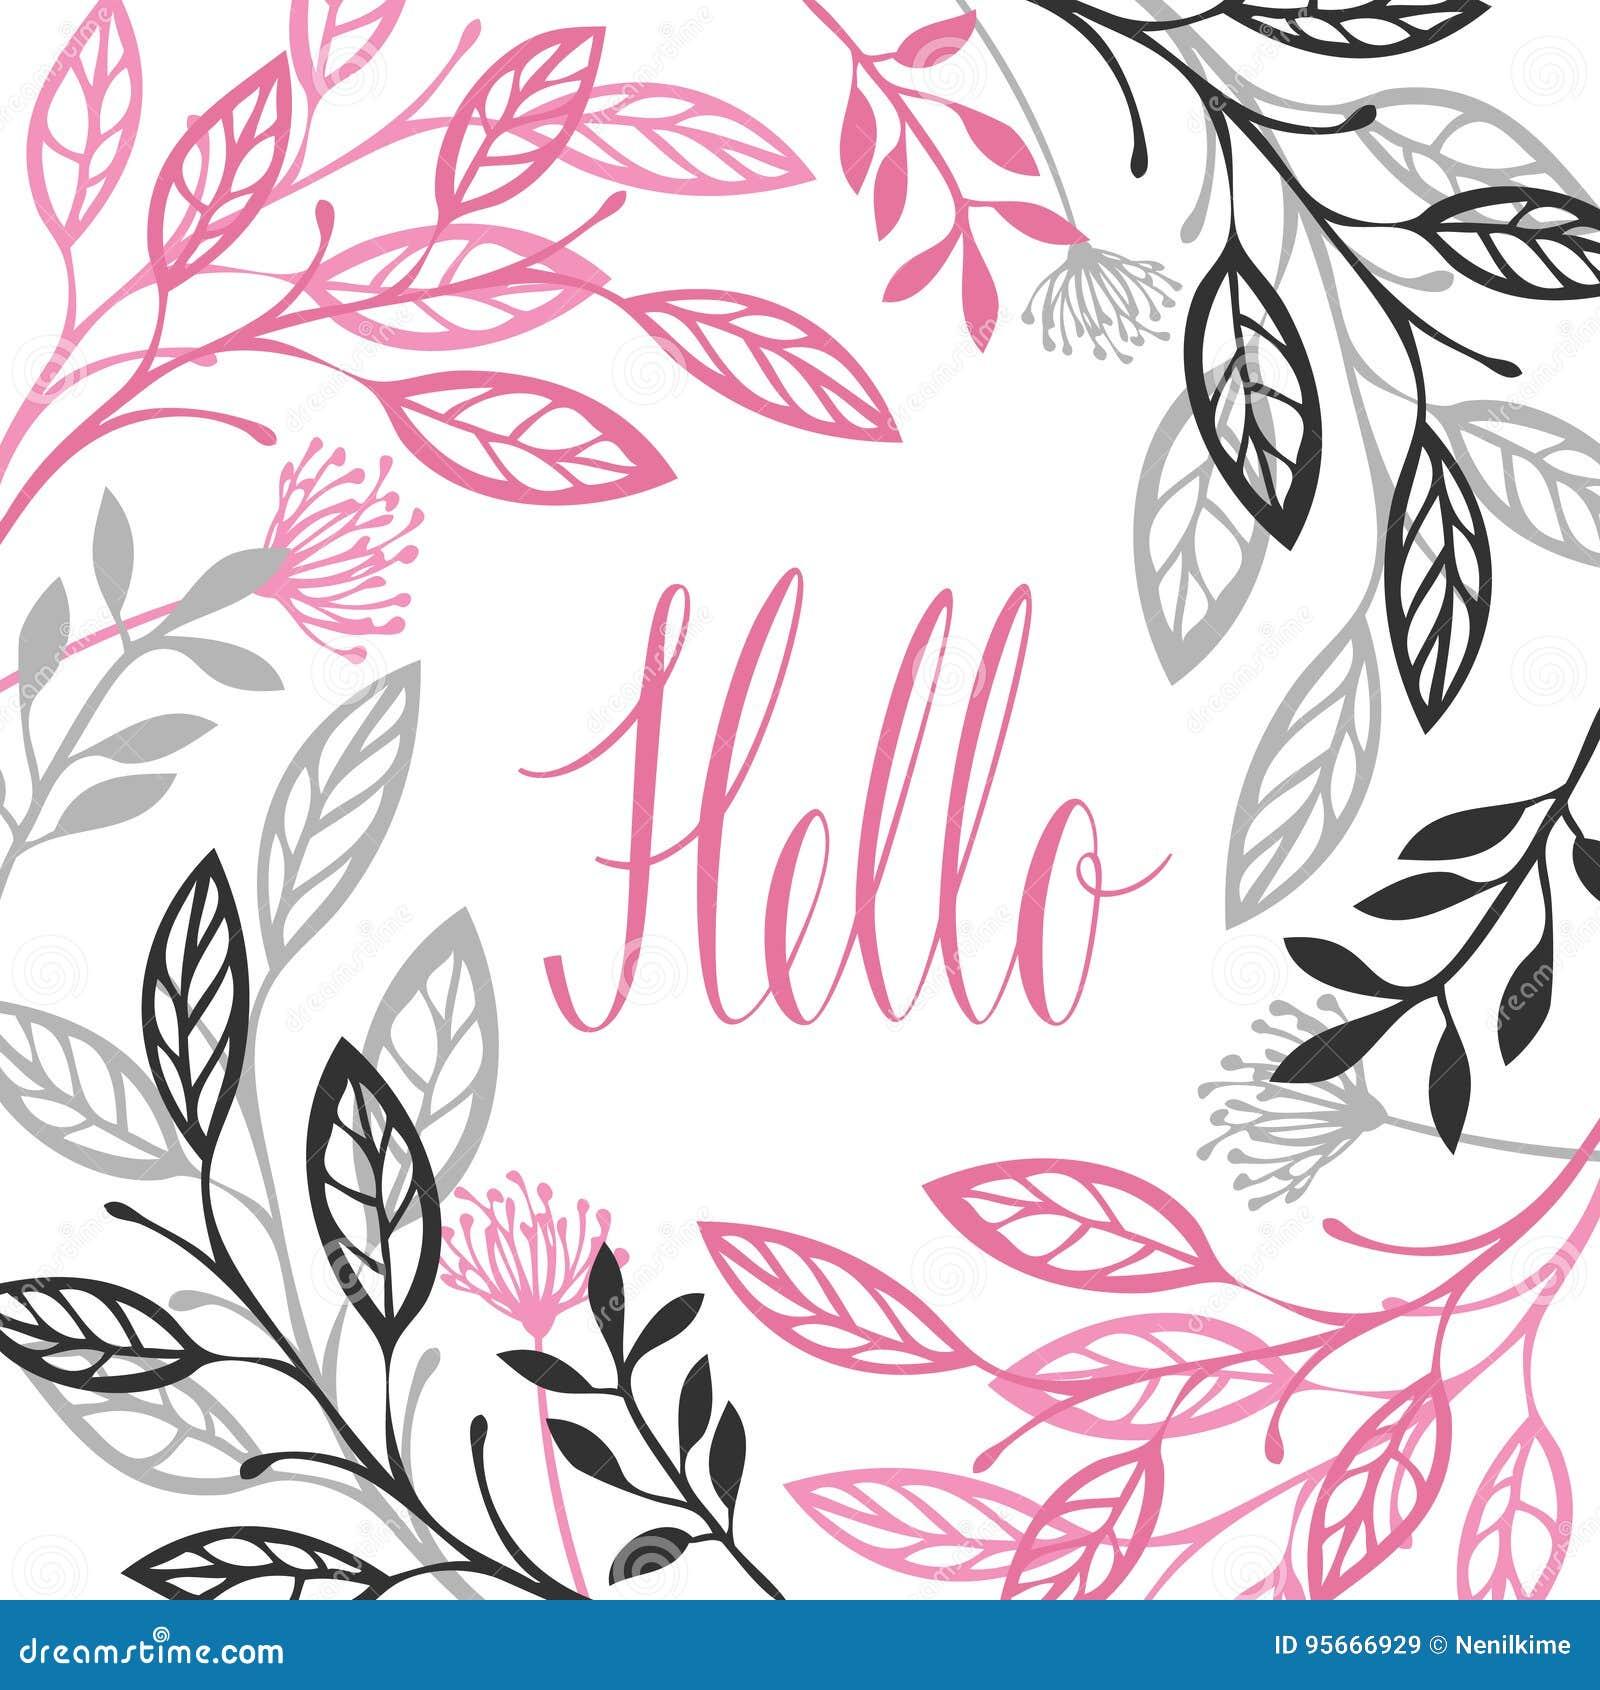 Abstrakter Blumenrahmen graues und rosa Farbehallo Kalligraphie lett